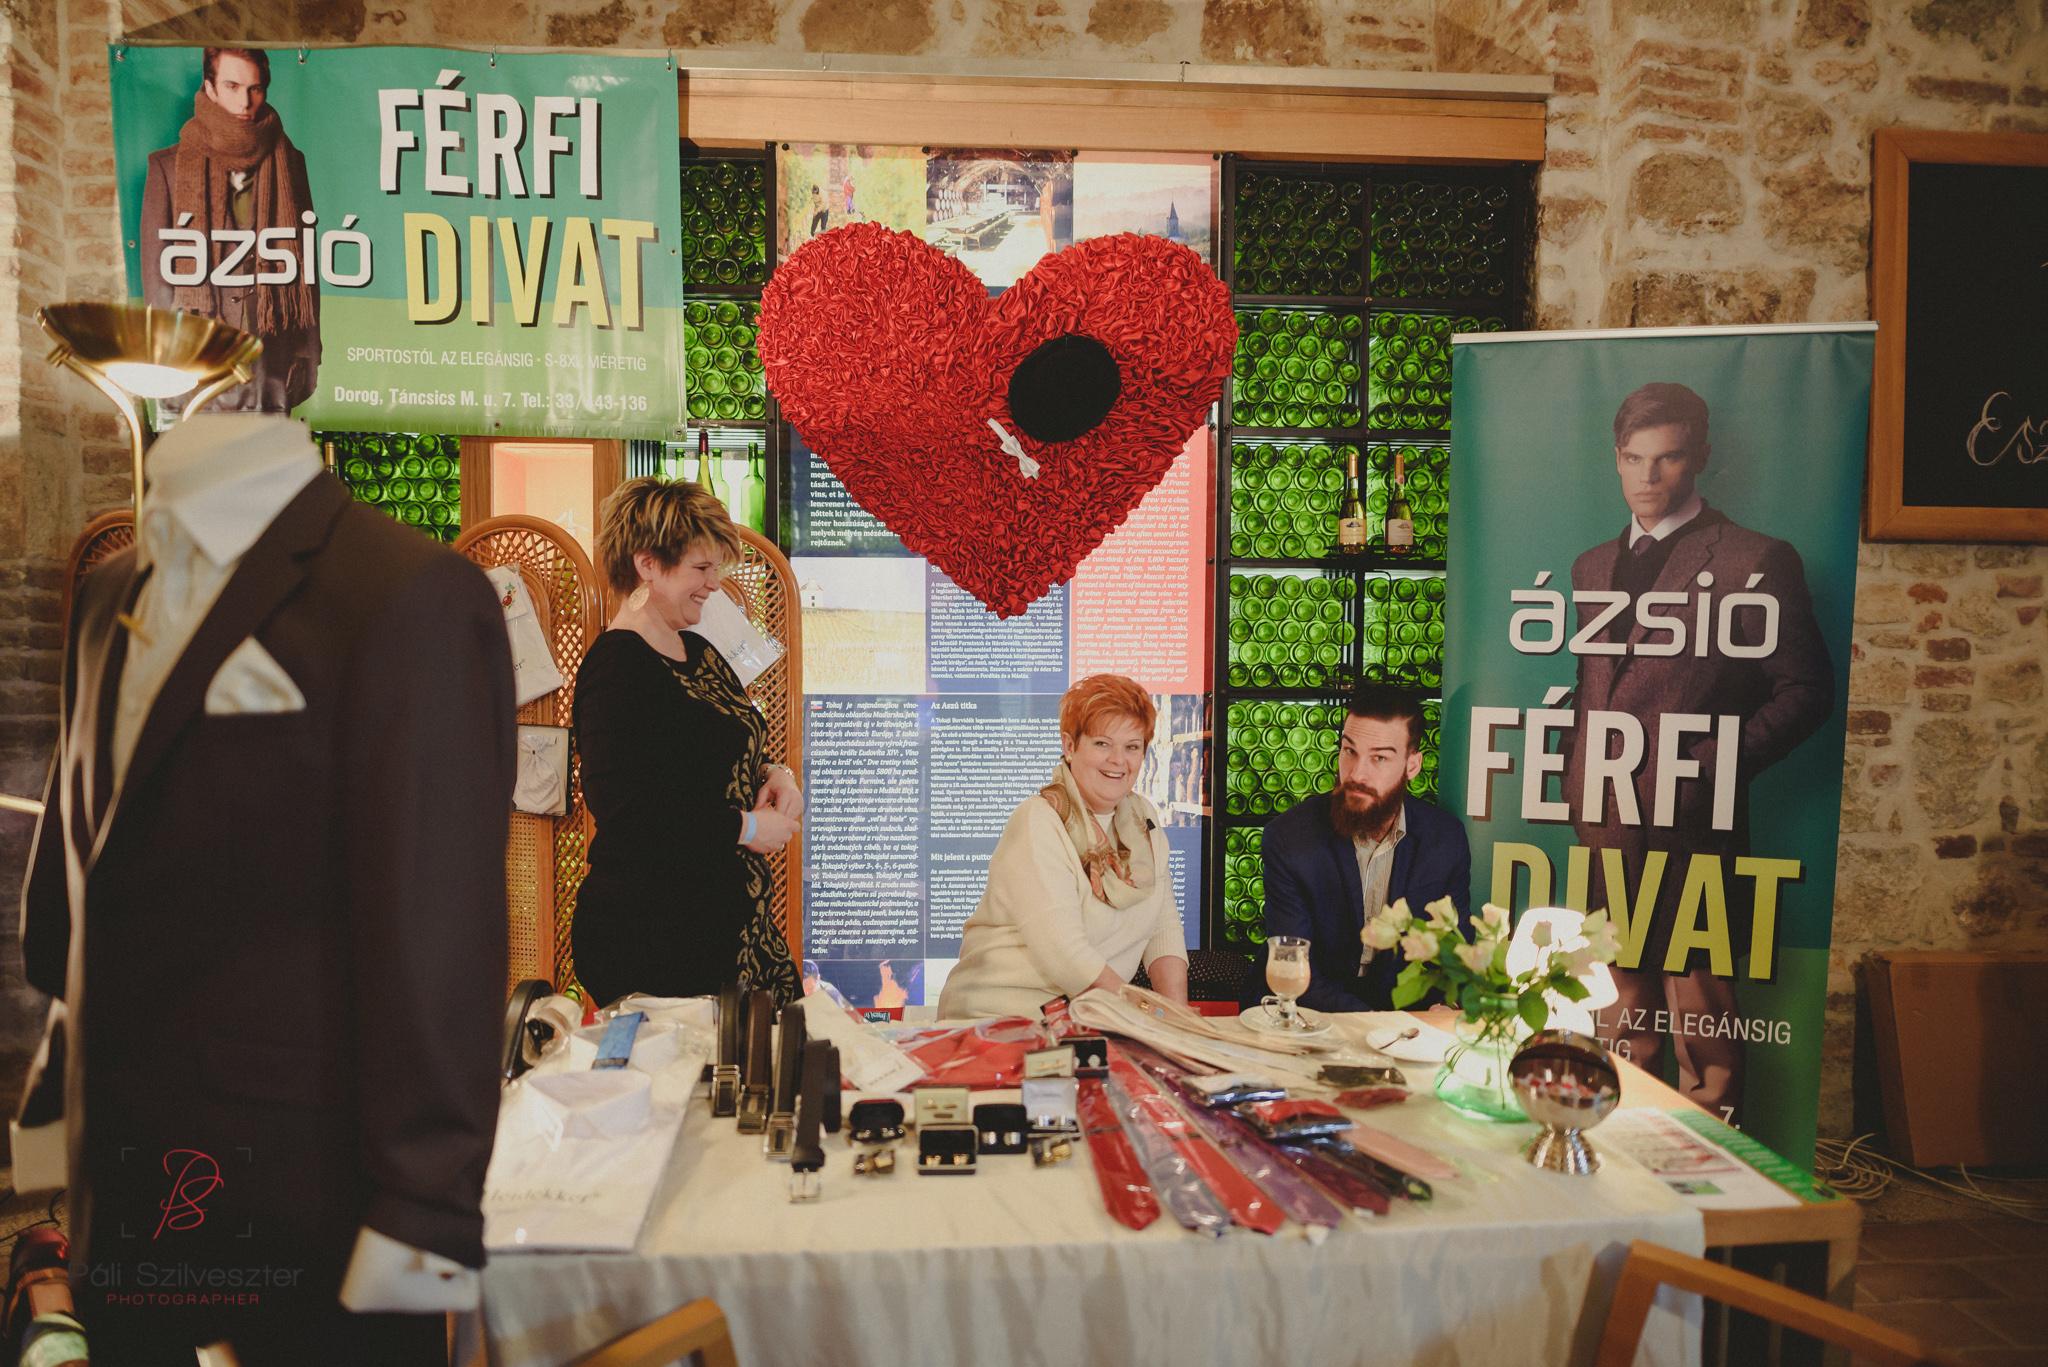 Páli-Szilveszter-székesfehérvári-esküvői-fotós-esztergom-prímás-pince-esüvőkiállítás-2016-01-23-70371.jpg